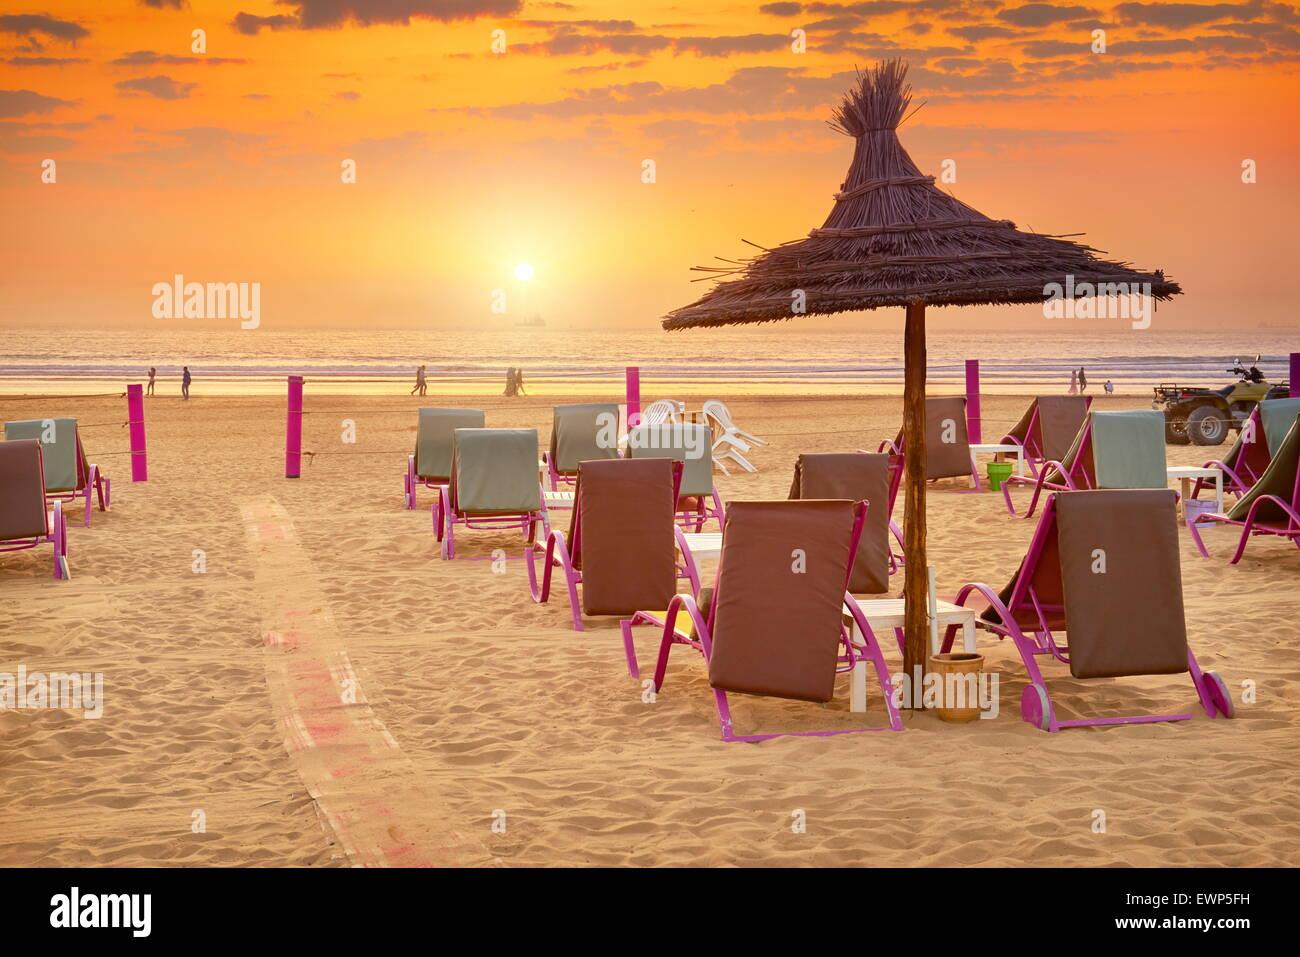 Agadir - atardecer en la playa, Marruecos Imagen De Stock